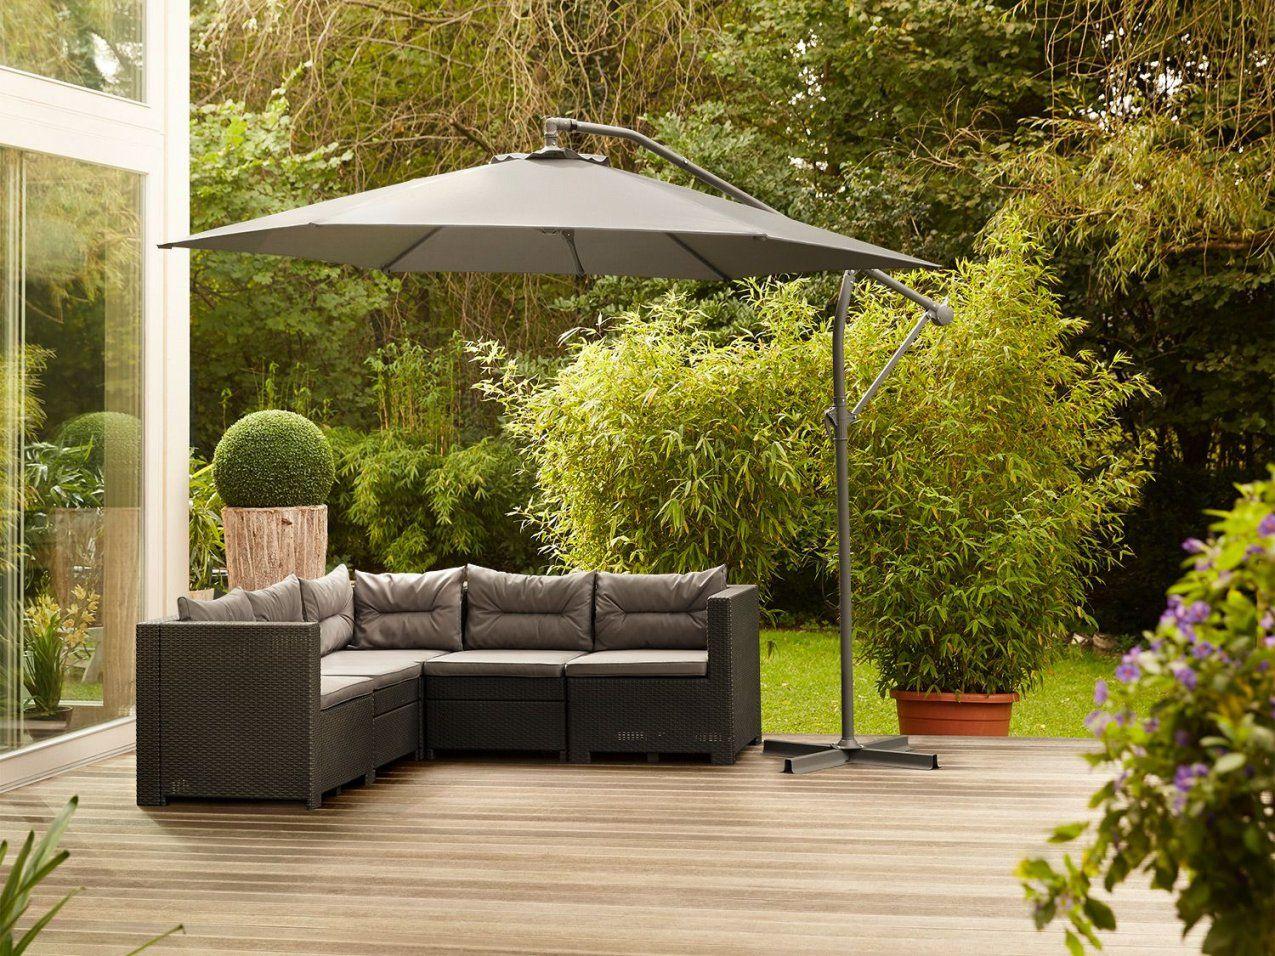 Lounge Ecke Im Garten Gestalten  Haloring von Ecke Im Garten Gestalten Bild